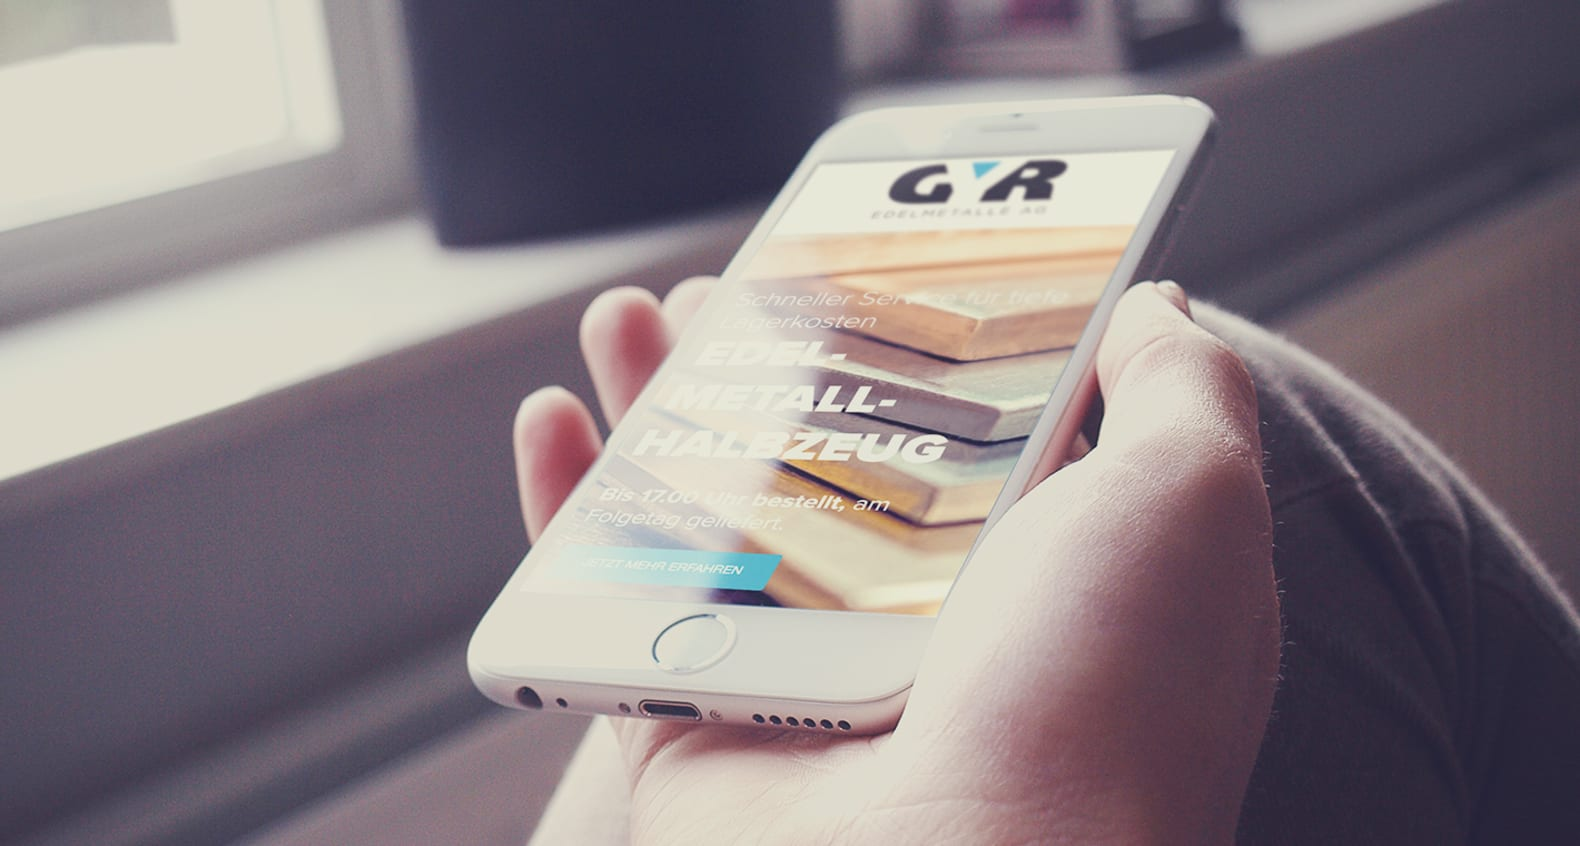 Hand mit iPhone und geöffneter Website gyr.ch – Wie entstand das Kundenportal der GYR Edelmetalle AG?